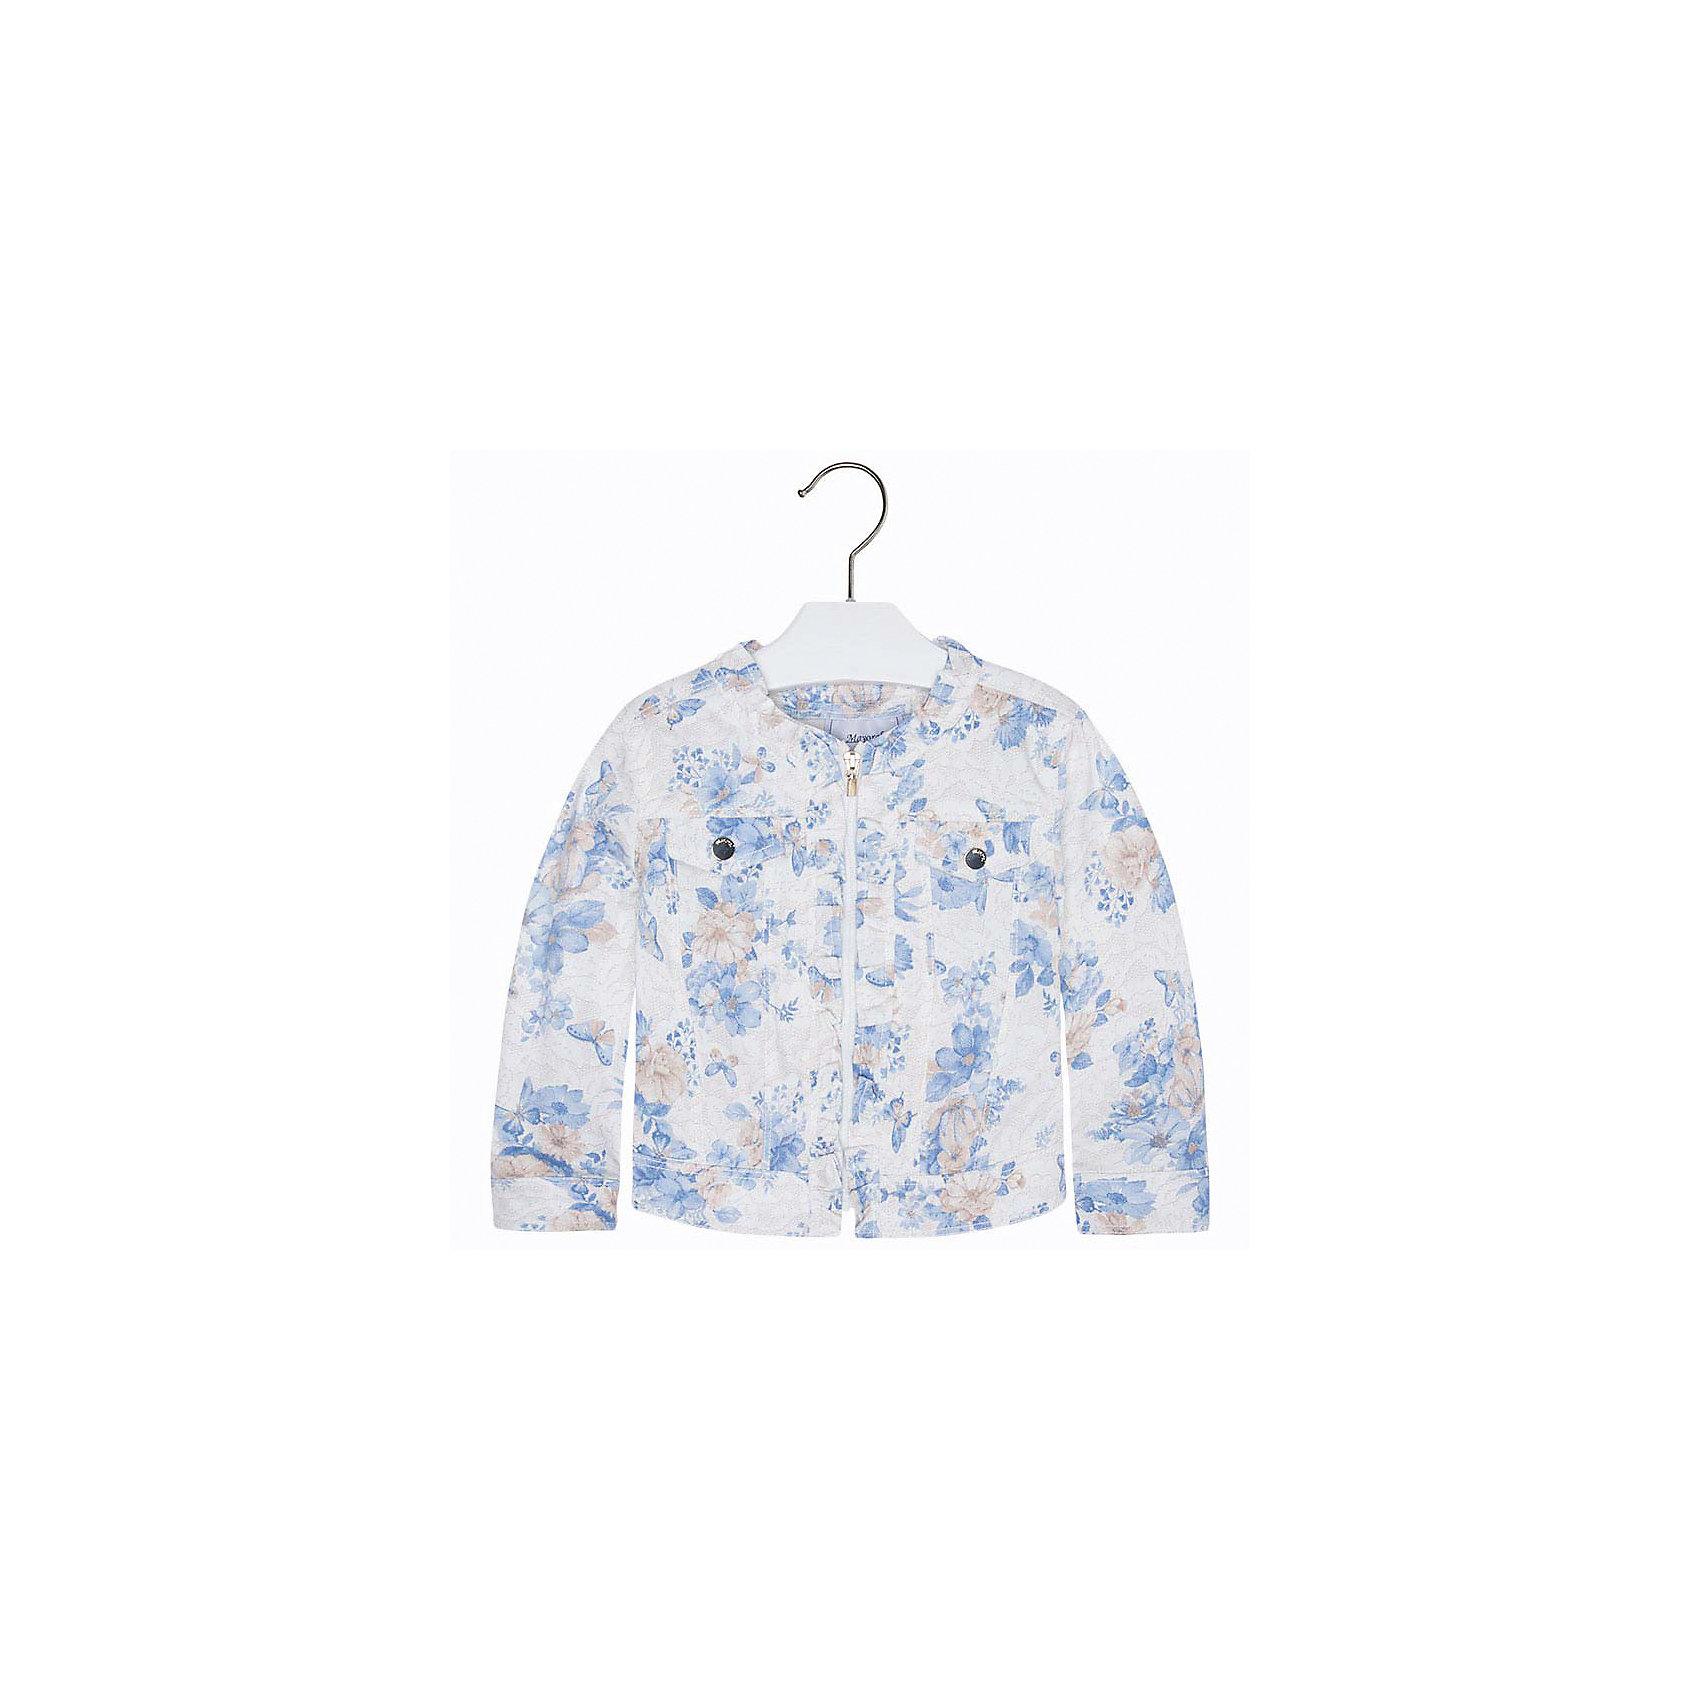 Куртка для девочки MayoralВетровки и жакеты<br>Куртка для девочки от известной испанской марки Mayoral <br><br>Красивая легкая куртка от Mayoral очень оригинально и стильно смотрится. Она прекрасно сочетается с различным низом.  Модель выполнена из качественных материалов, отлично садится по фигуре.<br><br>Особенности модели:<br><br>- цвет: голубой;<br>- рукава длинные;<br>- молния;<br>- круглый горловой вырез;<br>- отделка ворота воланом.<br><br>Дополнительная информация:<br><br>Состав: 69% хлопок, 28% полиэстер, 3% эластан<br><br>Куртку для девочки Mayoral (Майорал) можно купить в нашем магазине.<br><br>Ширина мм: 356<br>Глубина мм: 10<br>Высота мм: 245<br>Вес г: 519<br>Цвет: голубой<br>Возраст от месяцев: 36<br>Возраст до месяцев: 48<br>Пол: Женский<br>Возраст: Детский<br>Размер: 134,128,110,98,116,104,122<br>SKU: 4542152